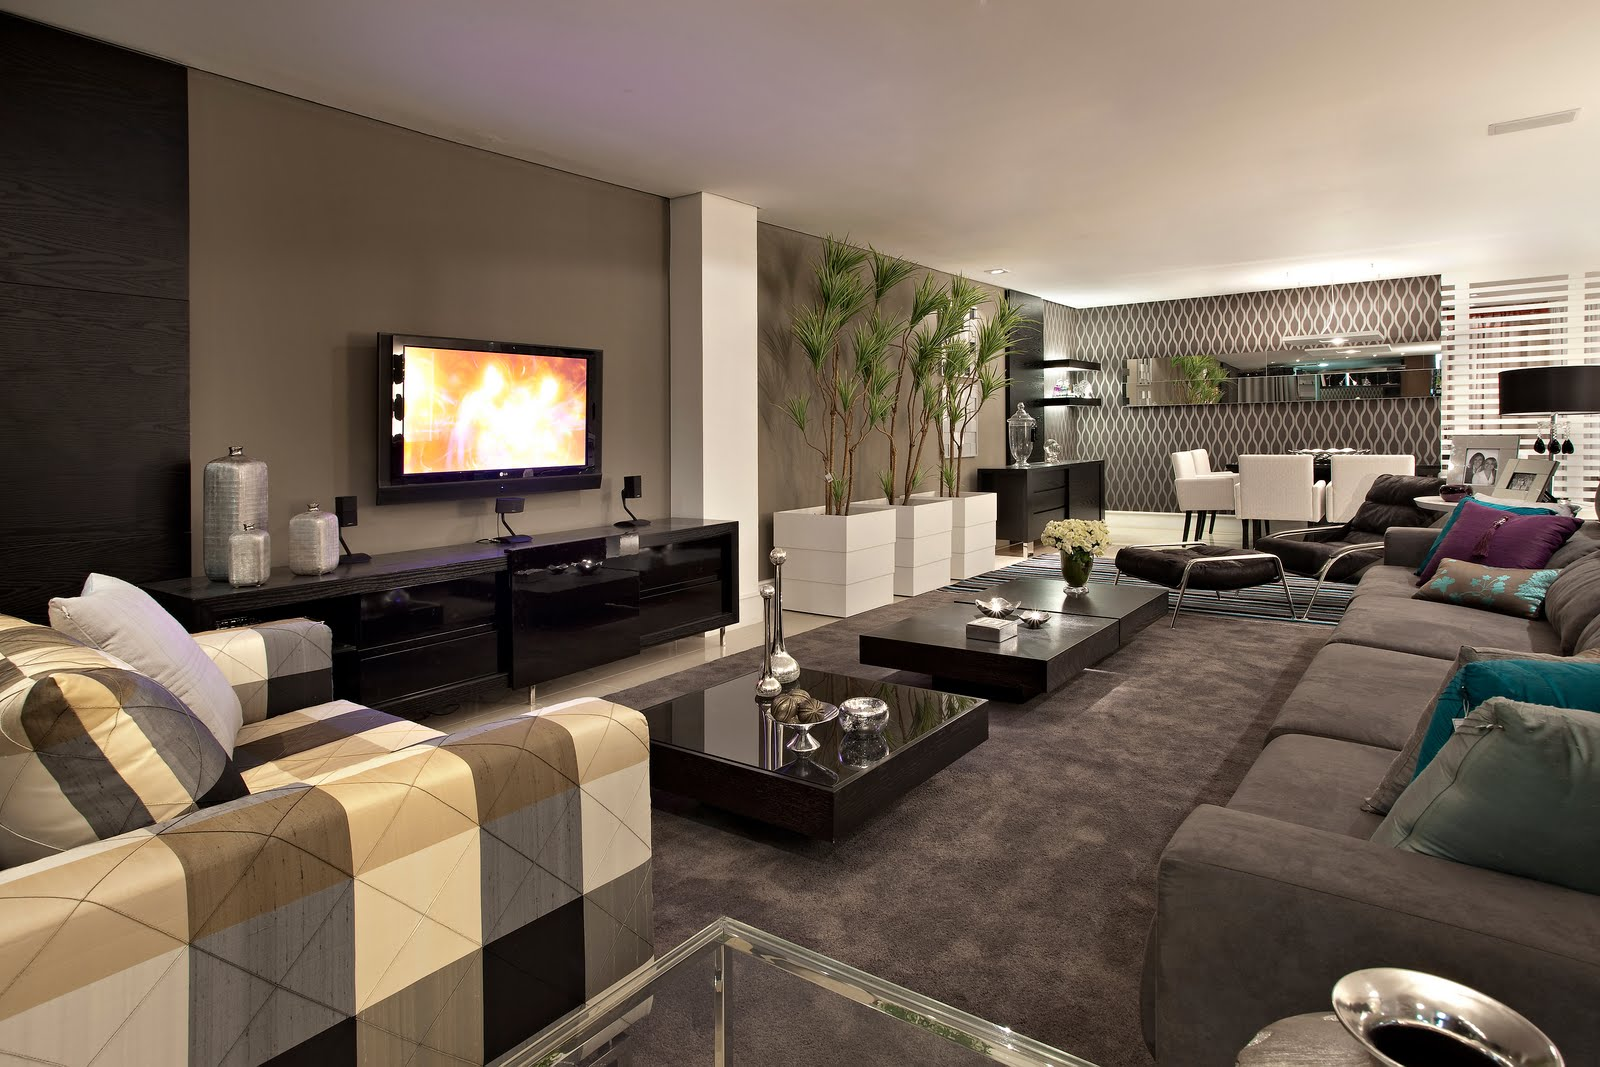 #8C6C3F XADREZ NA DECORAÇÃO Papo de Design 1600x1067 píxeis em Como Decorar Uma Sala De Tv